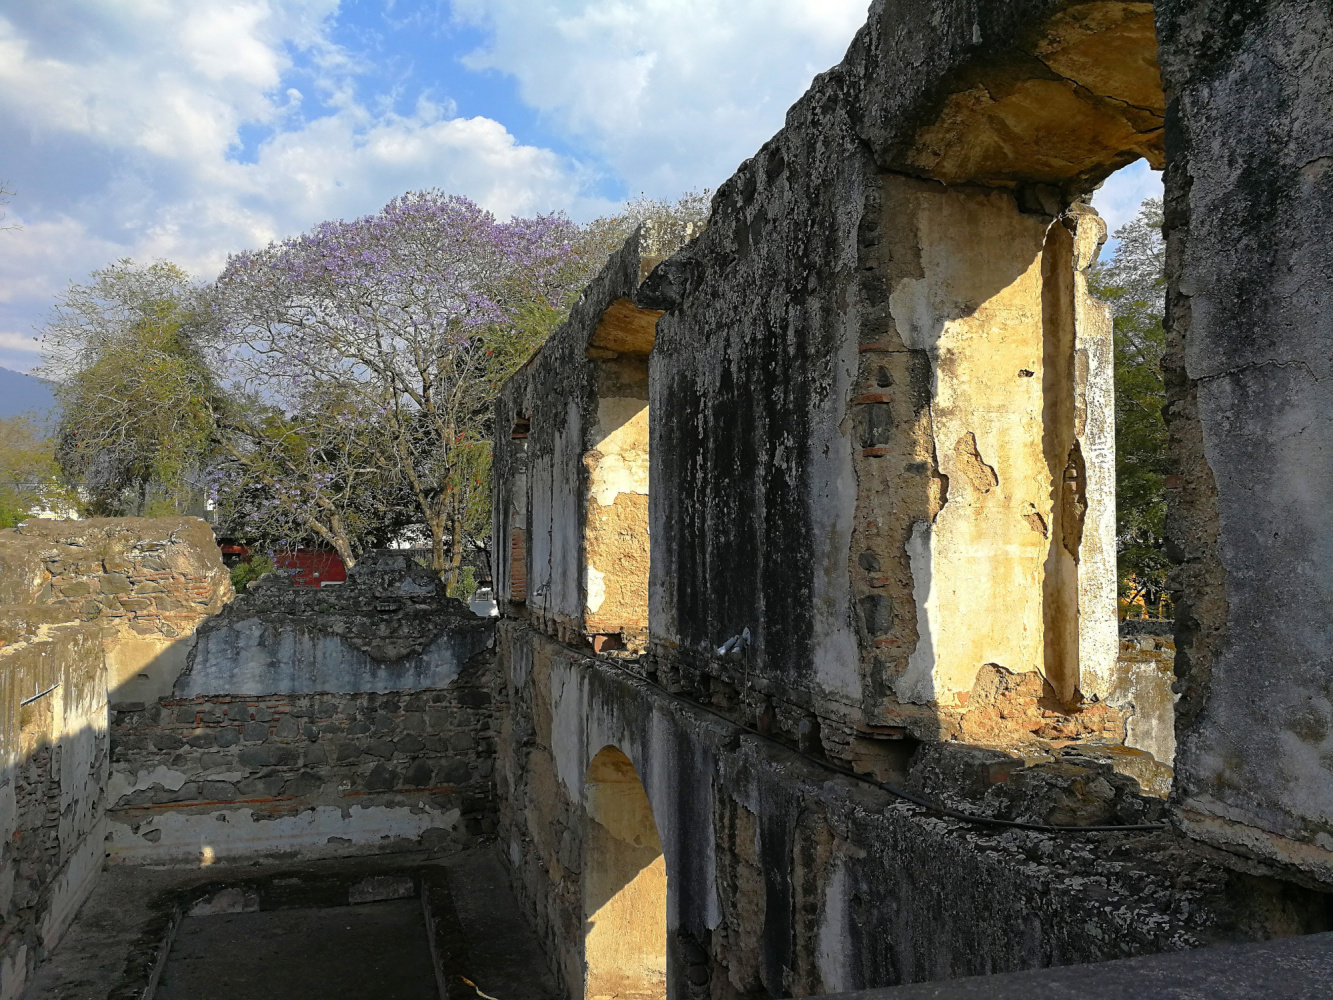 Гватемала с набегами в Сальвадор и Гондурас в январе-феврале 2021